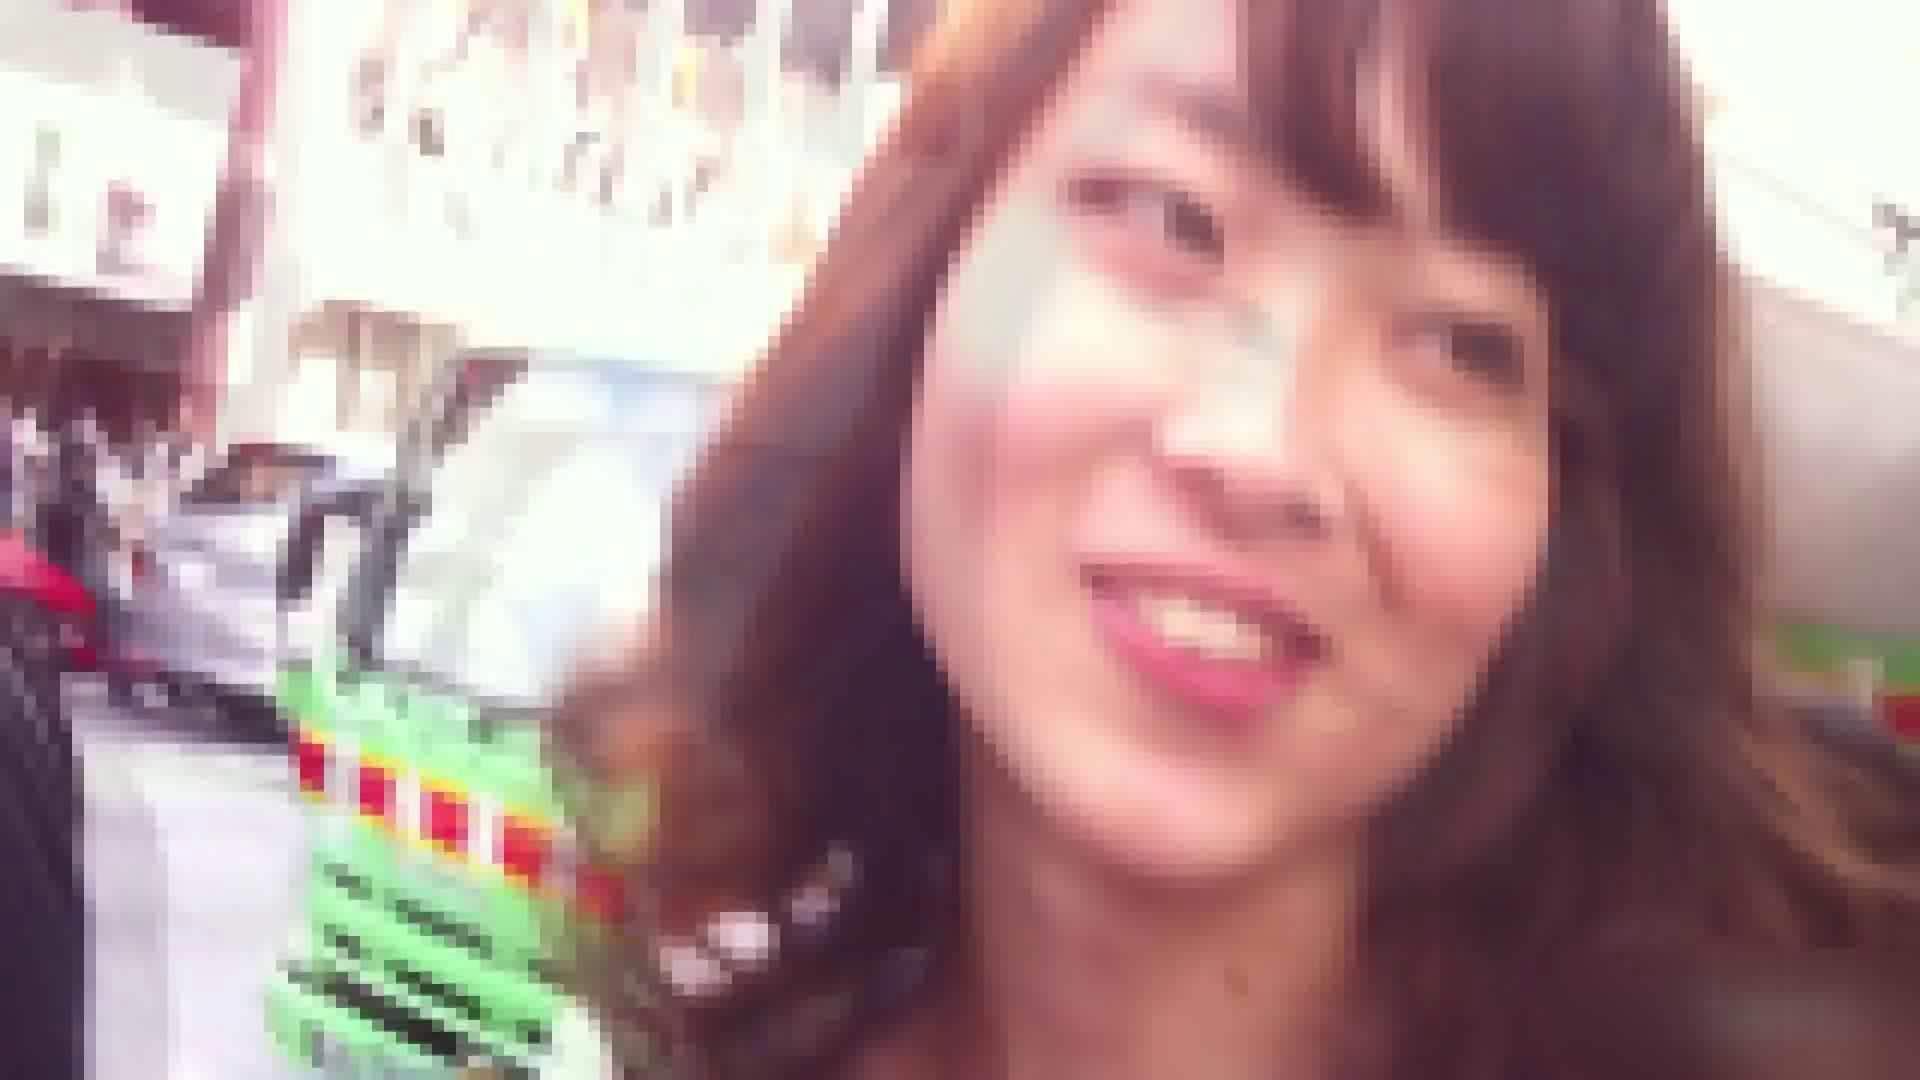 ガールズパンチラストリートビューVol.006 OLエロ画像 隠し撮りおまんこ動画流出 92PICs 82